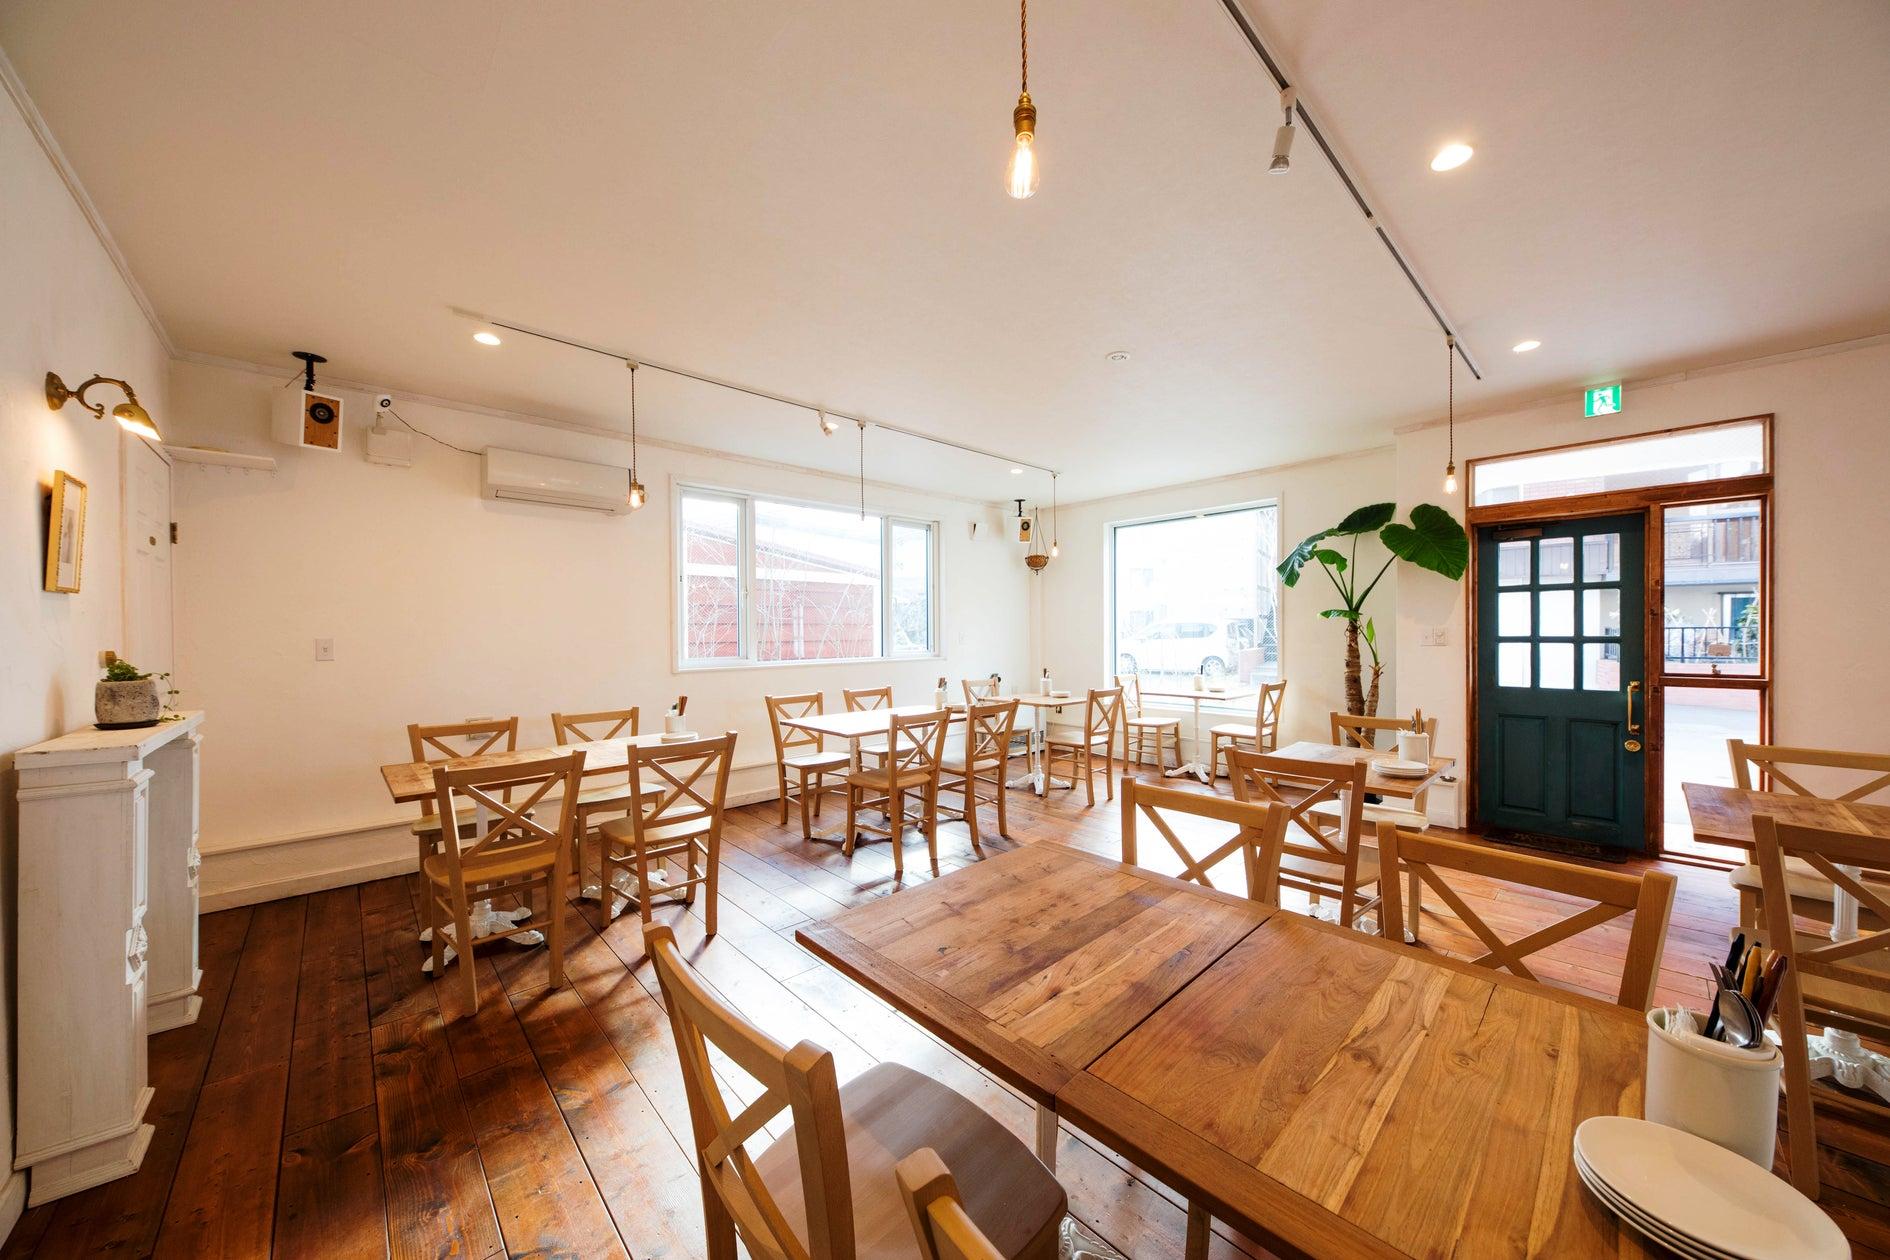 駅から徒歩2分*白を基調としたフランス風一軒家カフェ*キッチン利用可*贅沢な1人がけソファカウンター*パーティ・撮影会・レッスン の写真